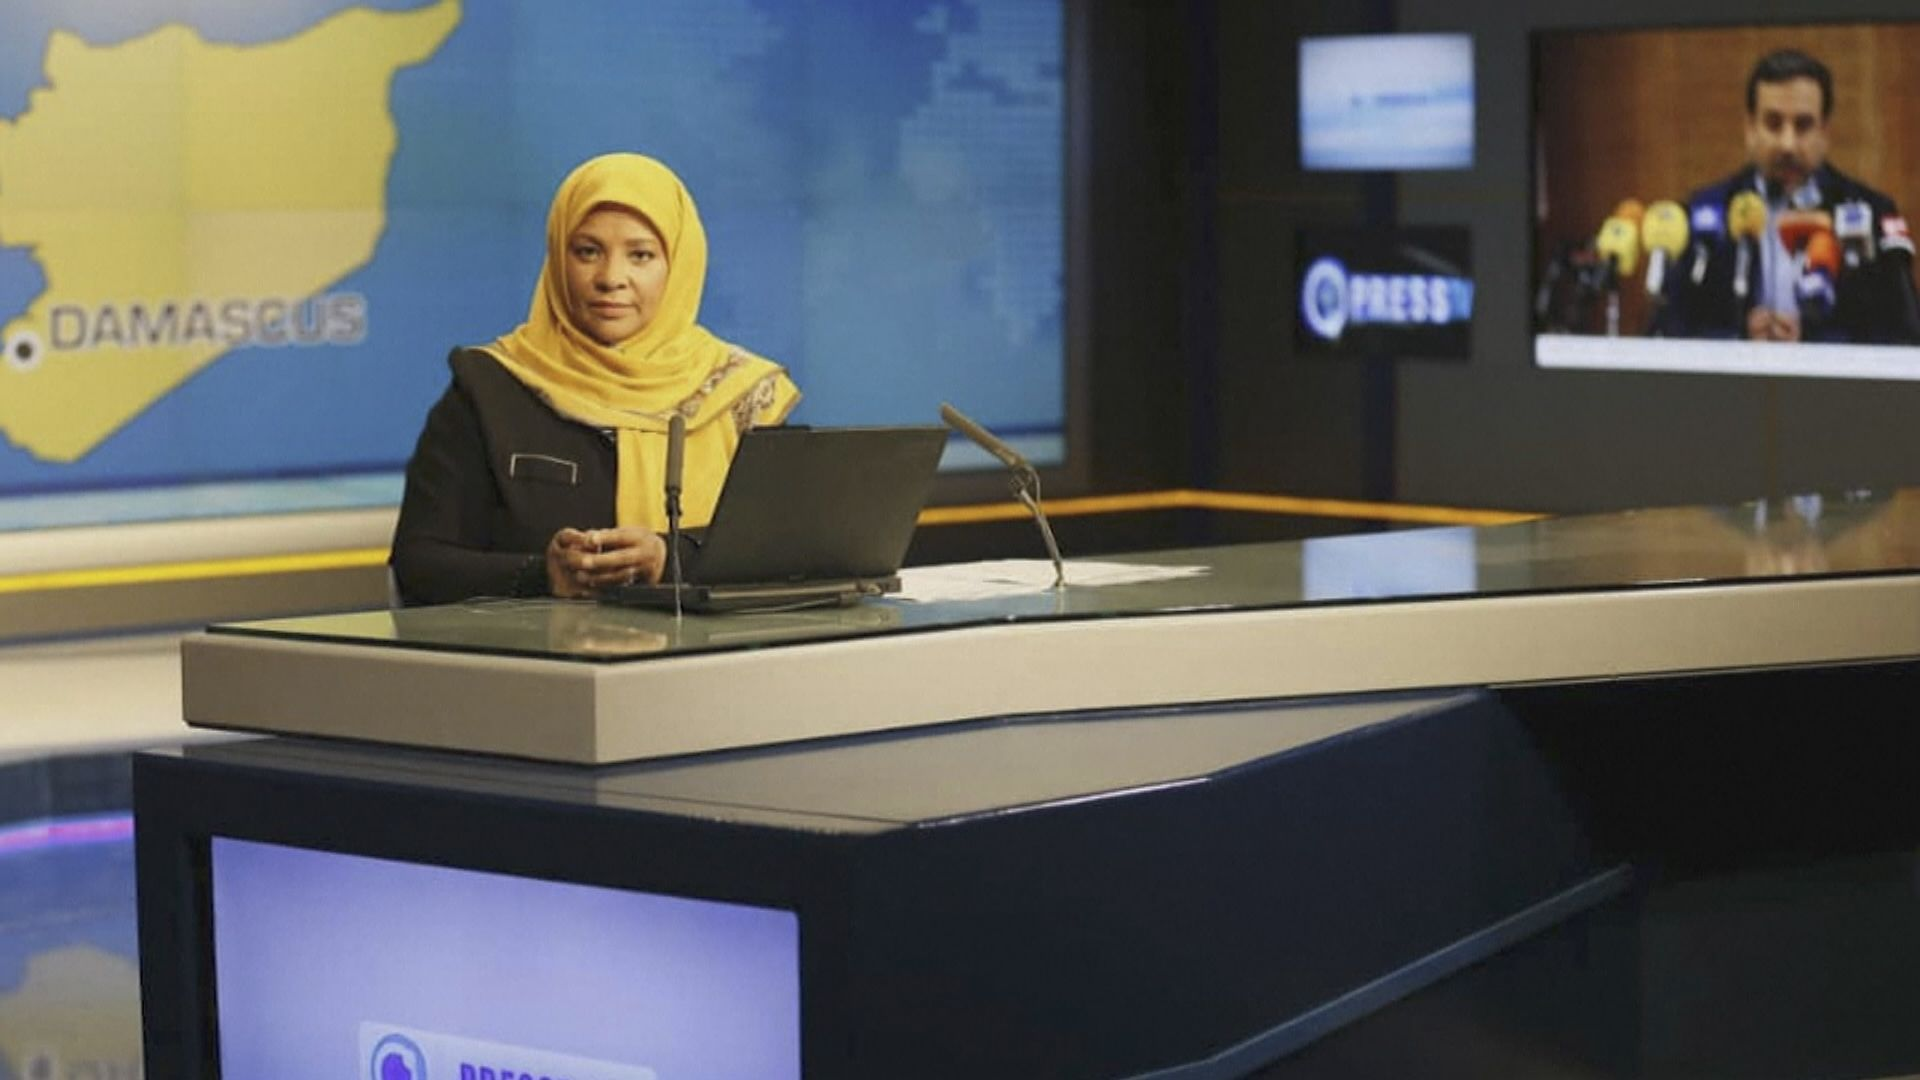 伊朗電視台主播美國被拘留 伊朗促立即放人